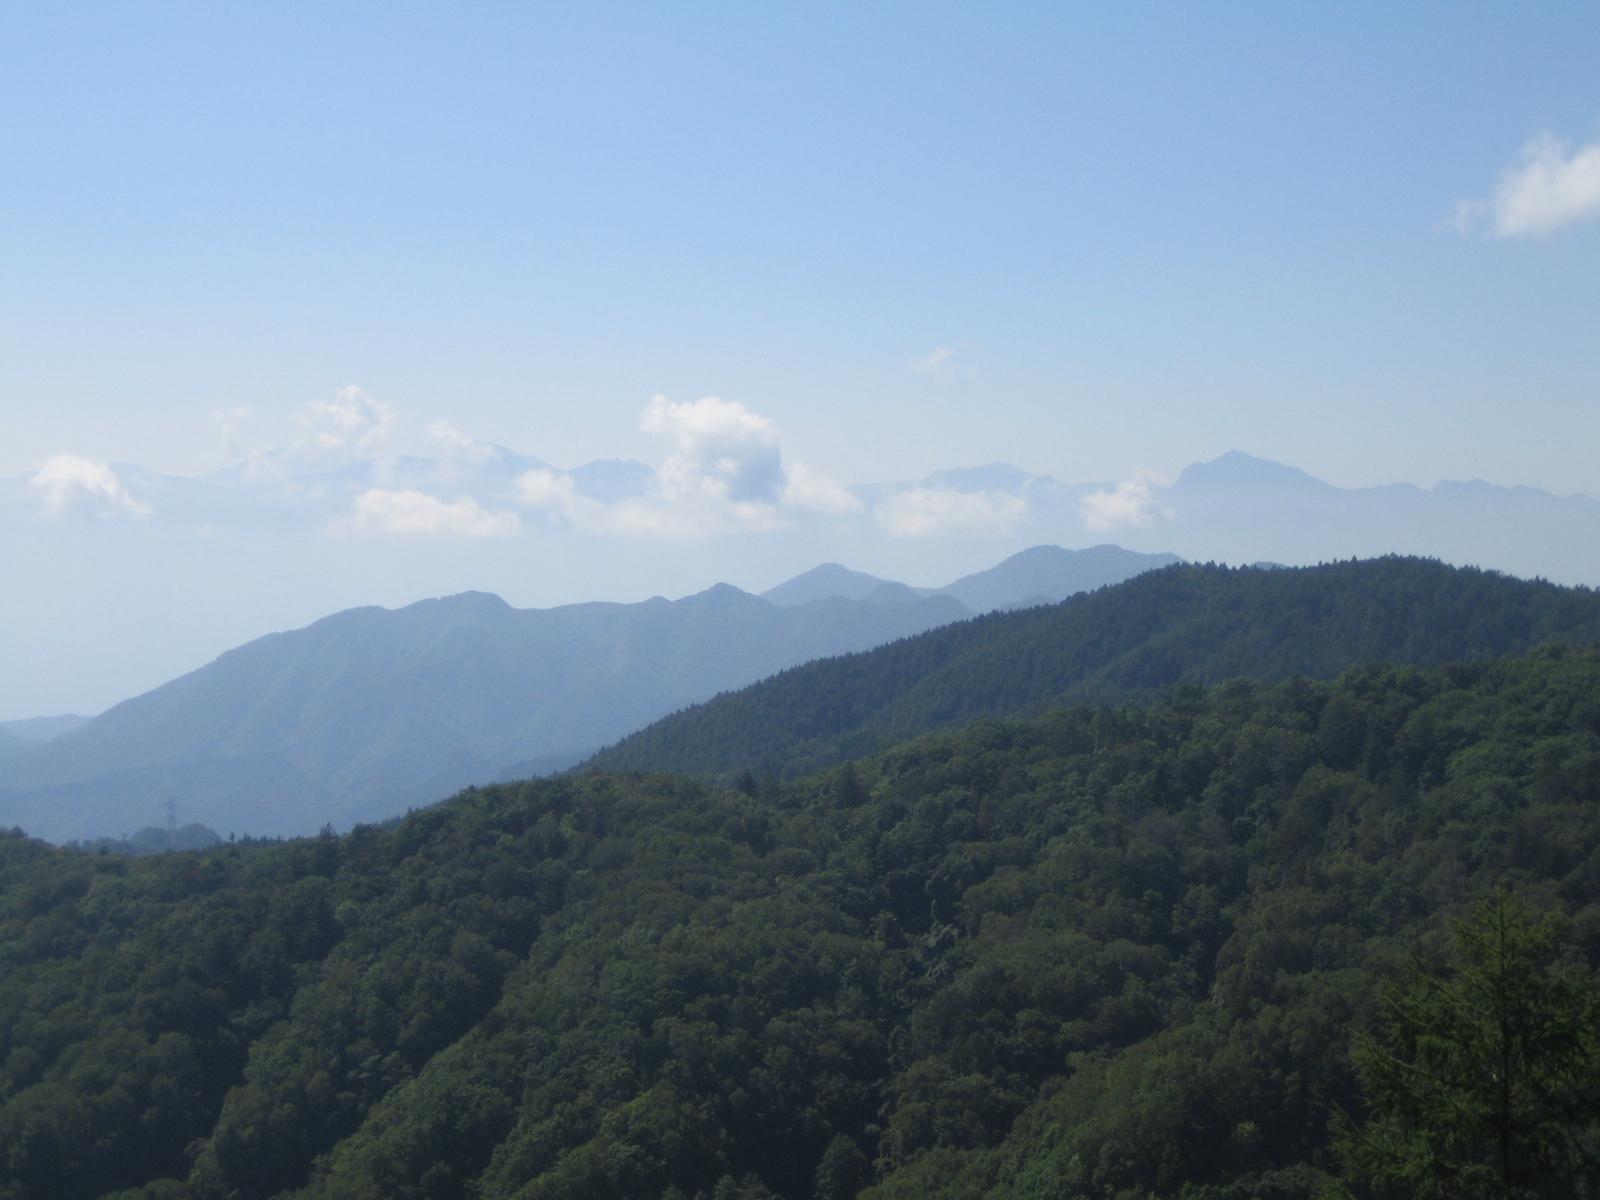 ... 北岳他南アルプスの峻峰を遠望